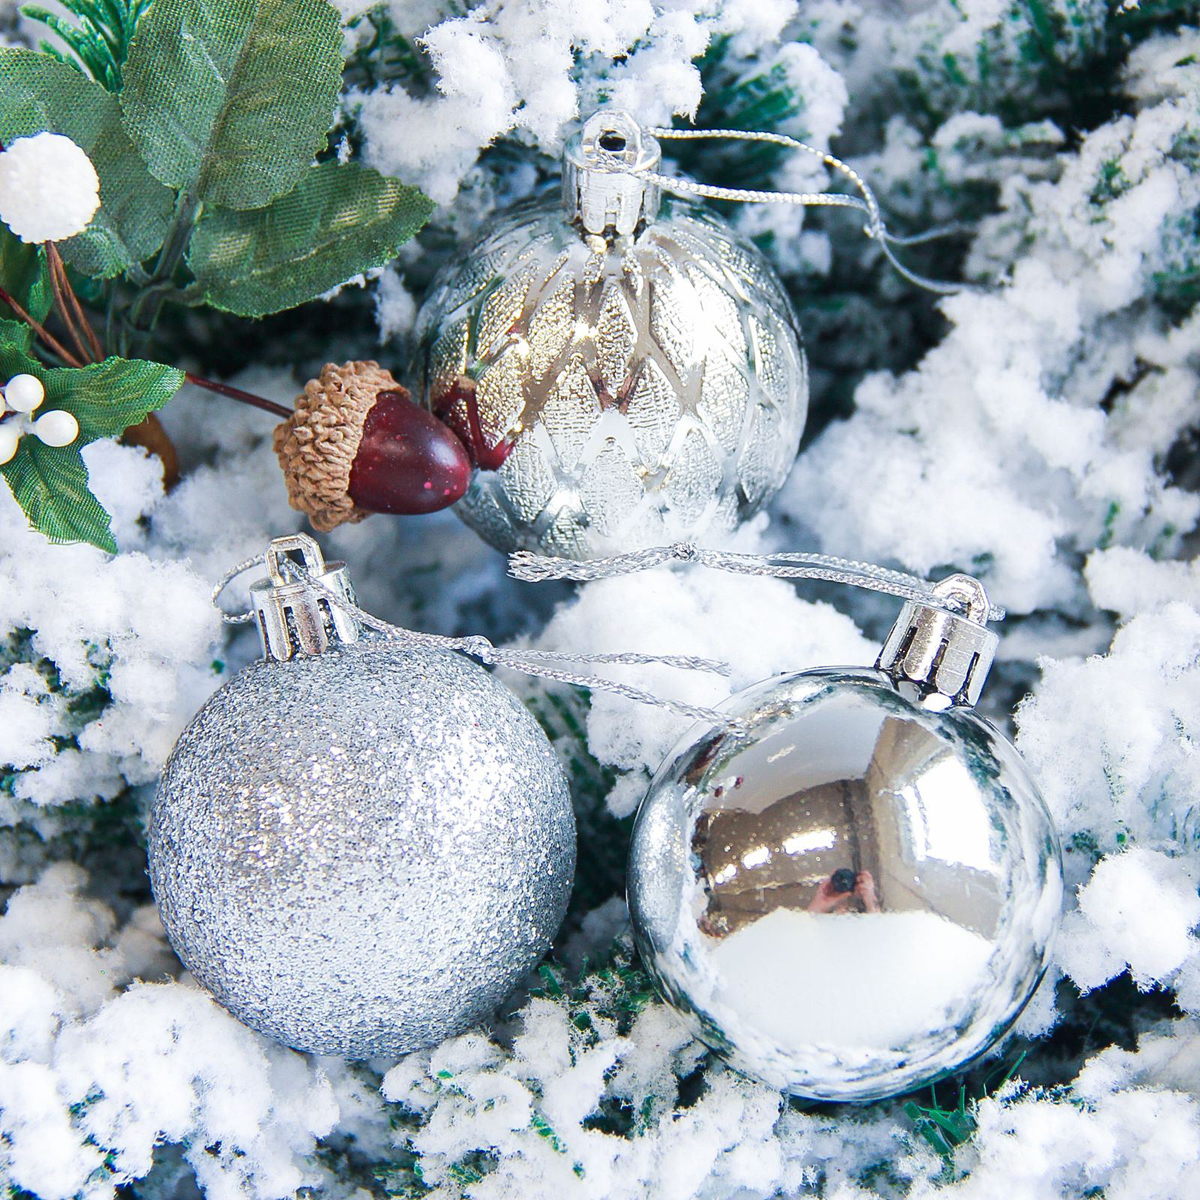 Набор новогодних подвесных украшений Sima-land Анданте, цвет: серебристый, диаметр 5 см, 12 шт2178229Невозможно представить нашу жизнь без праздников! Мы всегда ждём их и предвкушаем, обдумываем, как проведём памятный день, тщательно выбираем подарки и аксессуары, ведь именно они создают и поддерживают торжественный настрой.